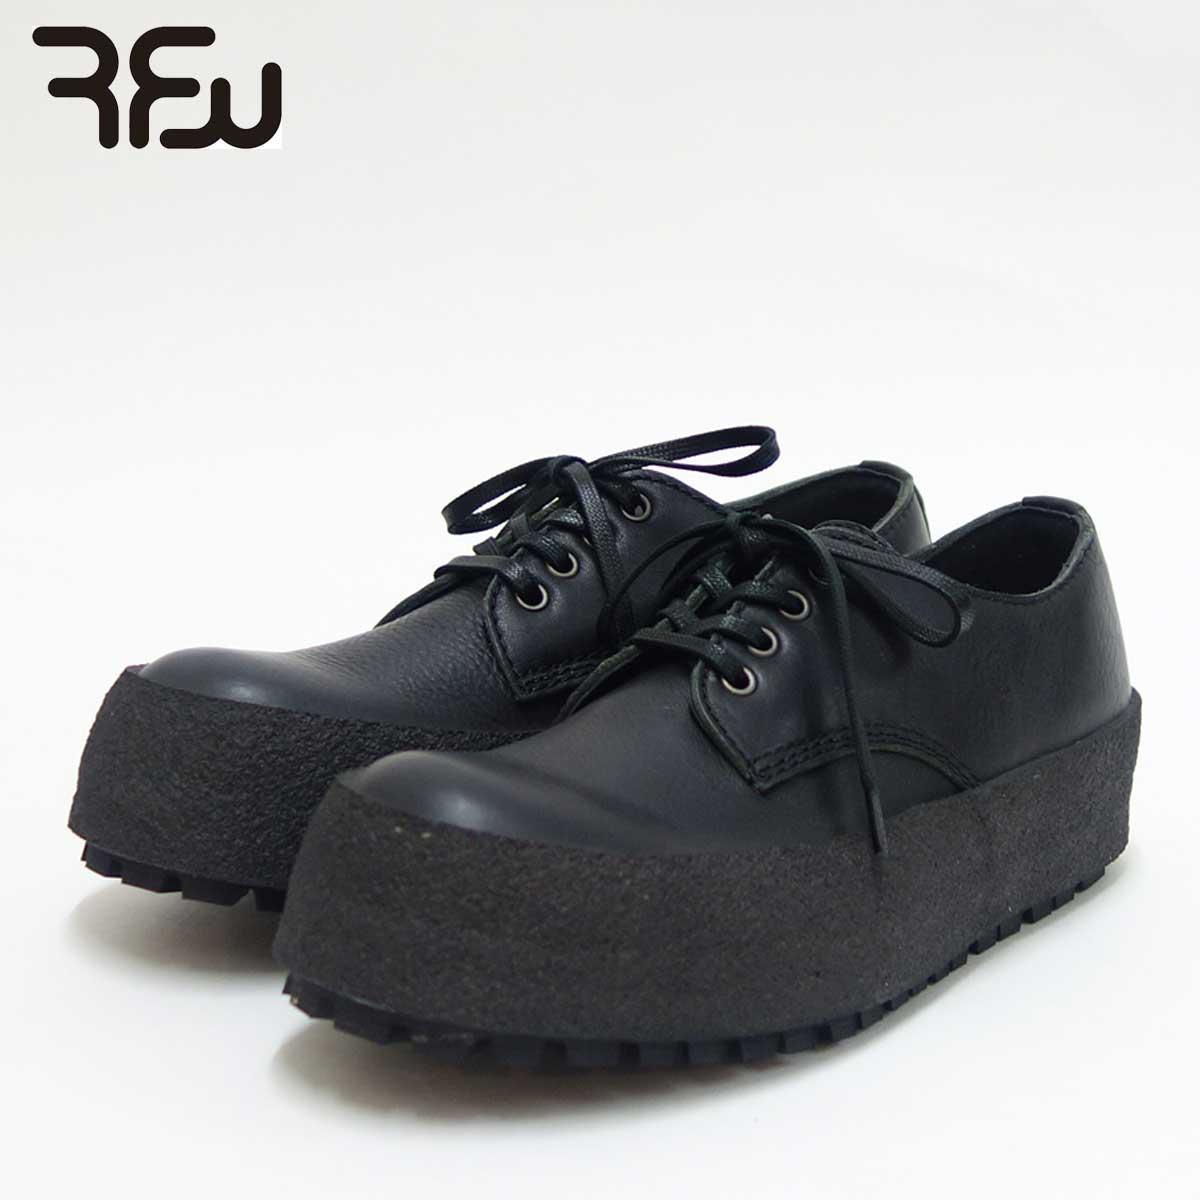 RFW アールエフダブリュー DECCO LO LEATHER(メンズ)1819162 カラー:ブラック 天然皮革のレースアップシューズ「靴」